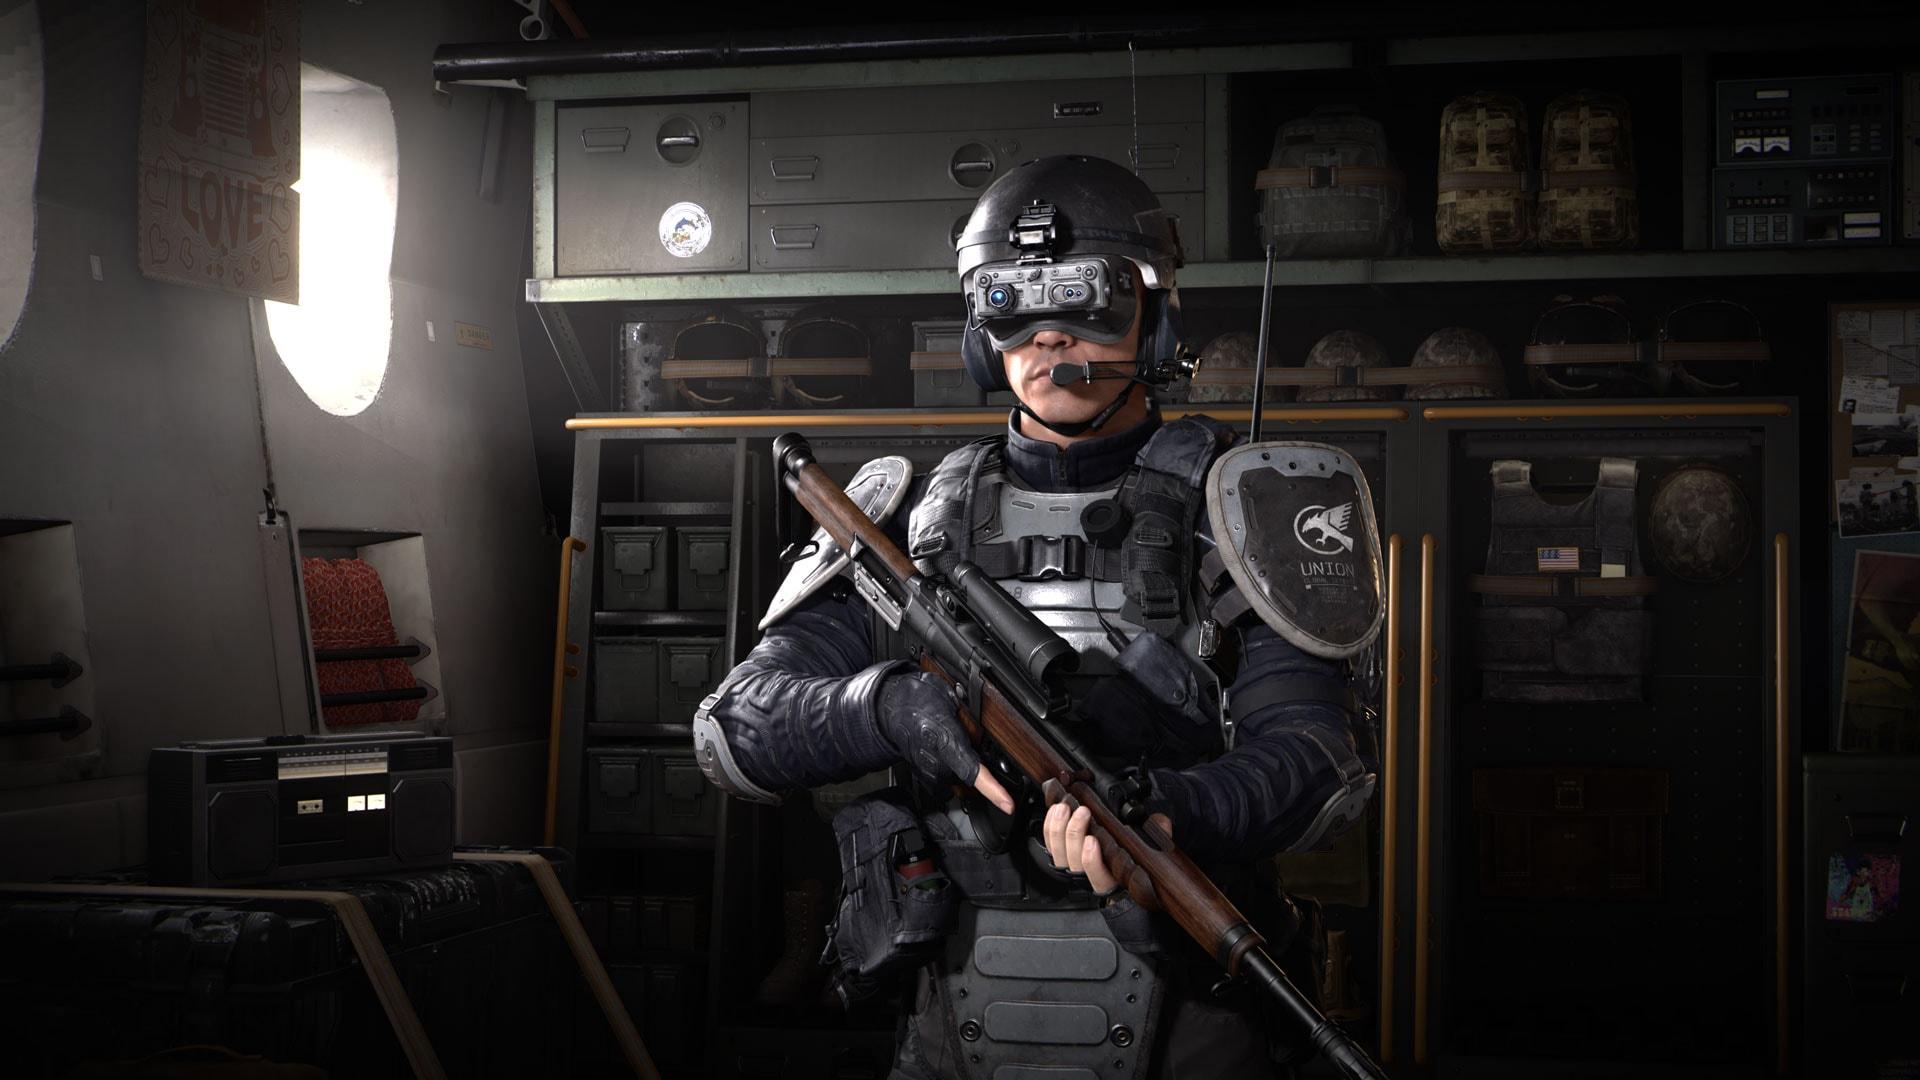 Stryker: NATO (In-Season)